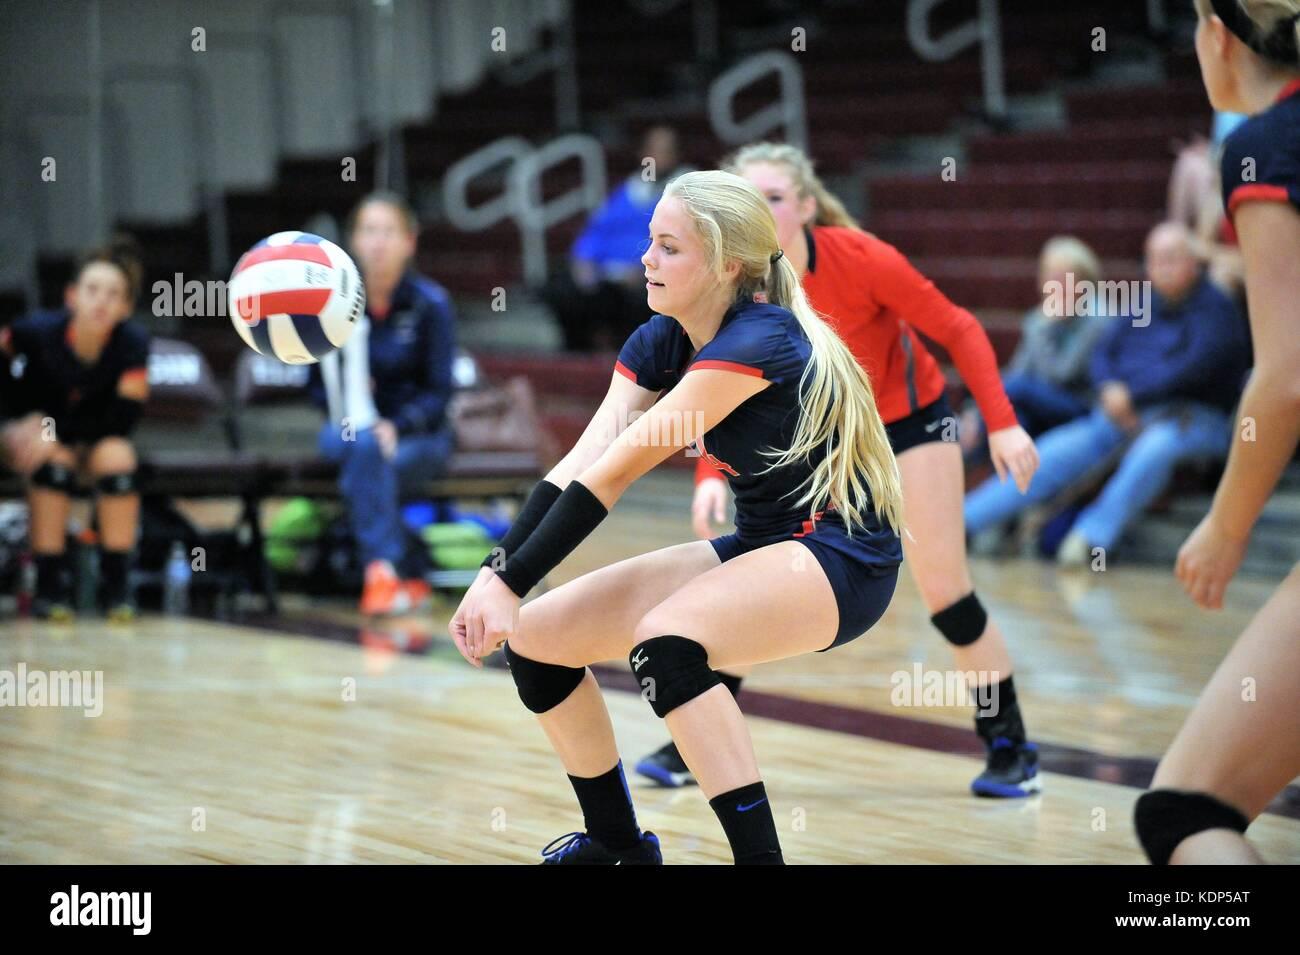 Ausführende Spieler ein Service zurück während der High School Volleyball übereinstimmen. USA. Stockbild